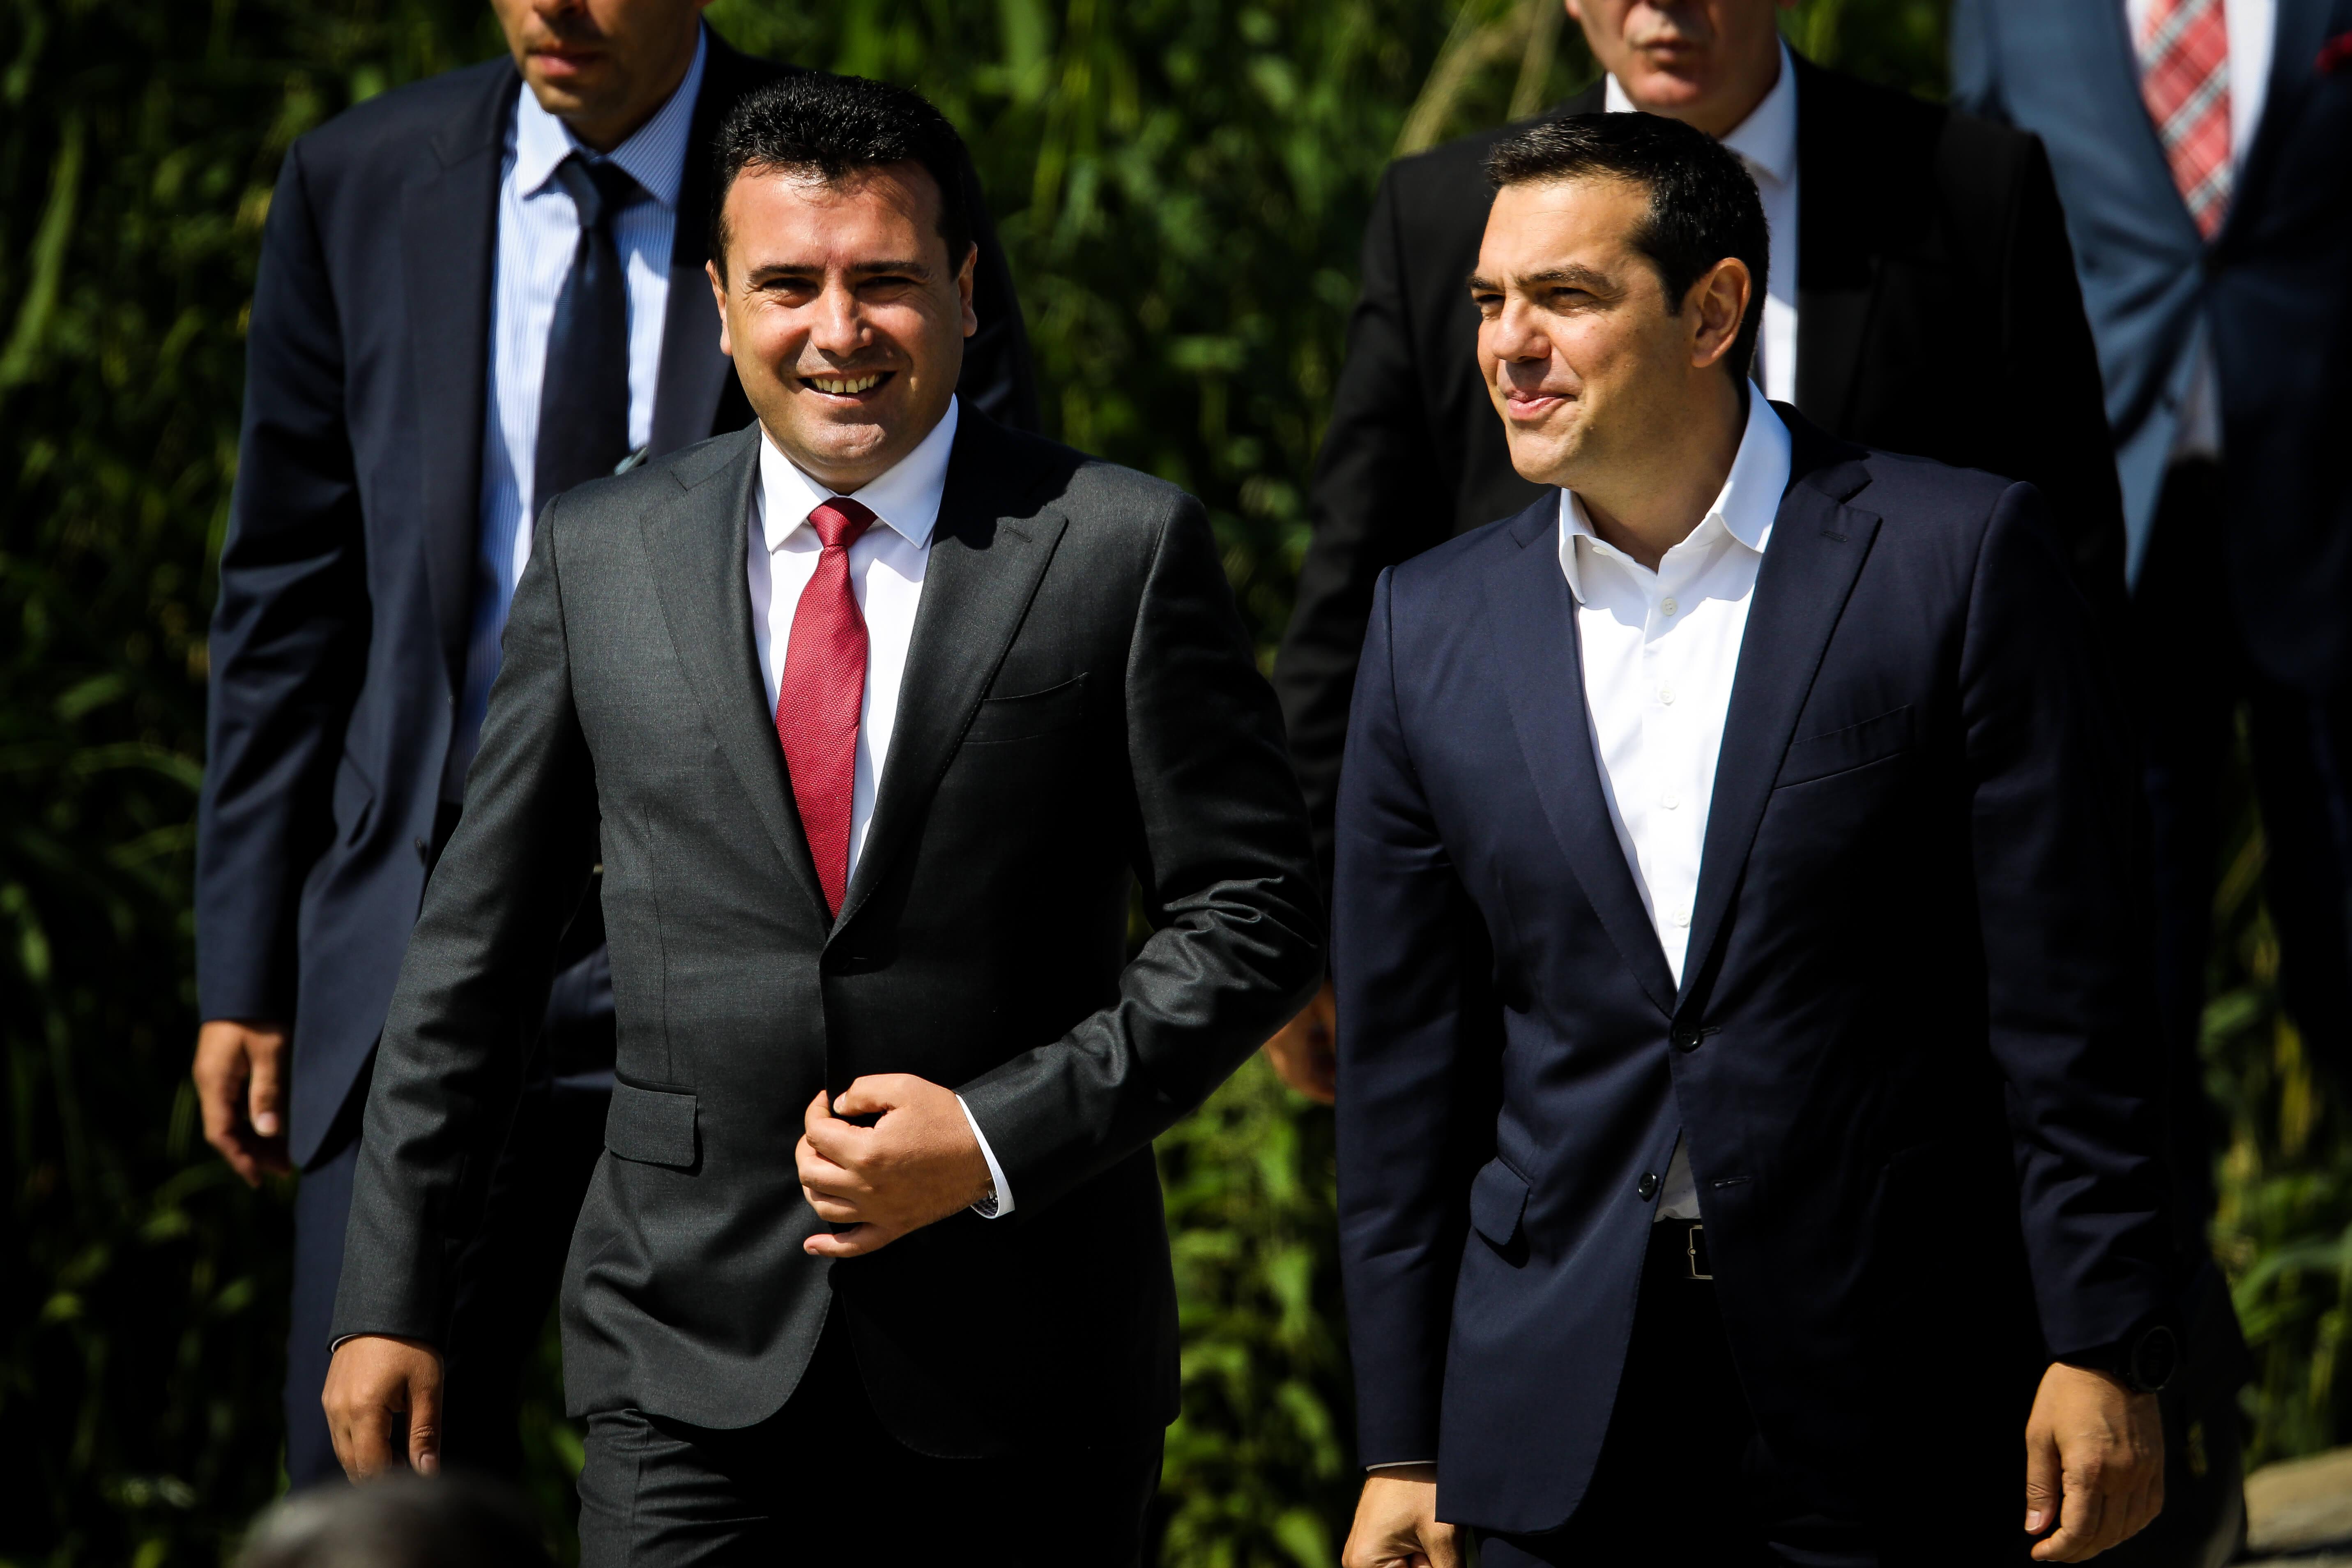 Βόρεια Μακεδονία: Μοιρασμένες οι γνώμες για τη Συμφωνία των Πρεσπών